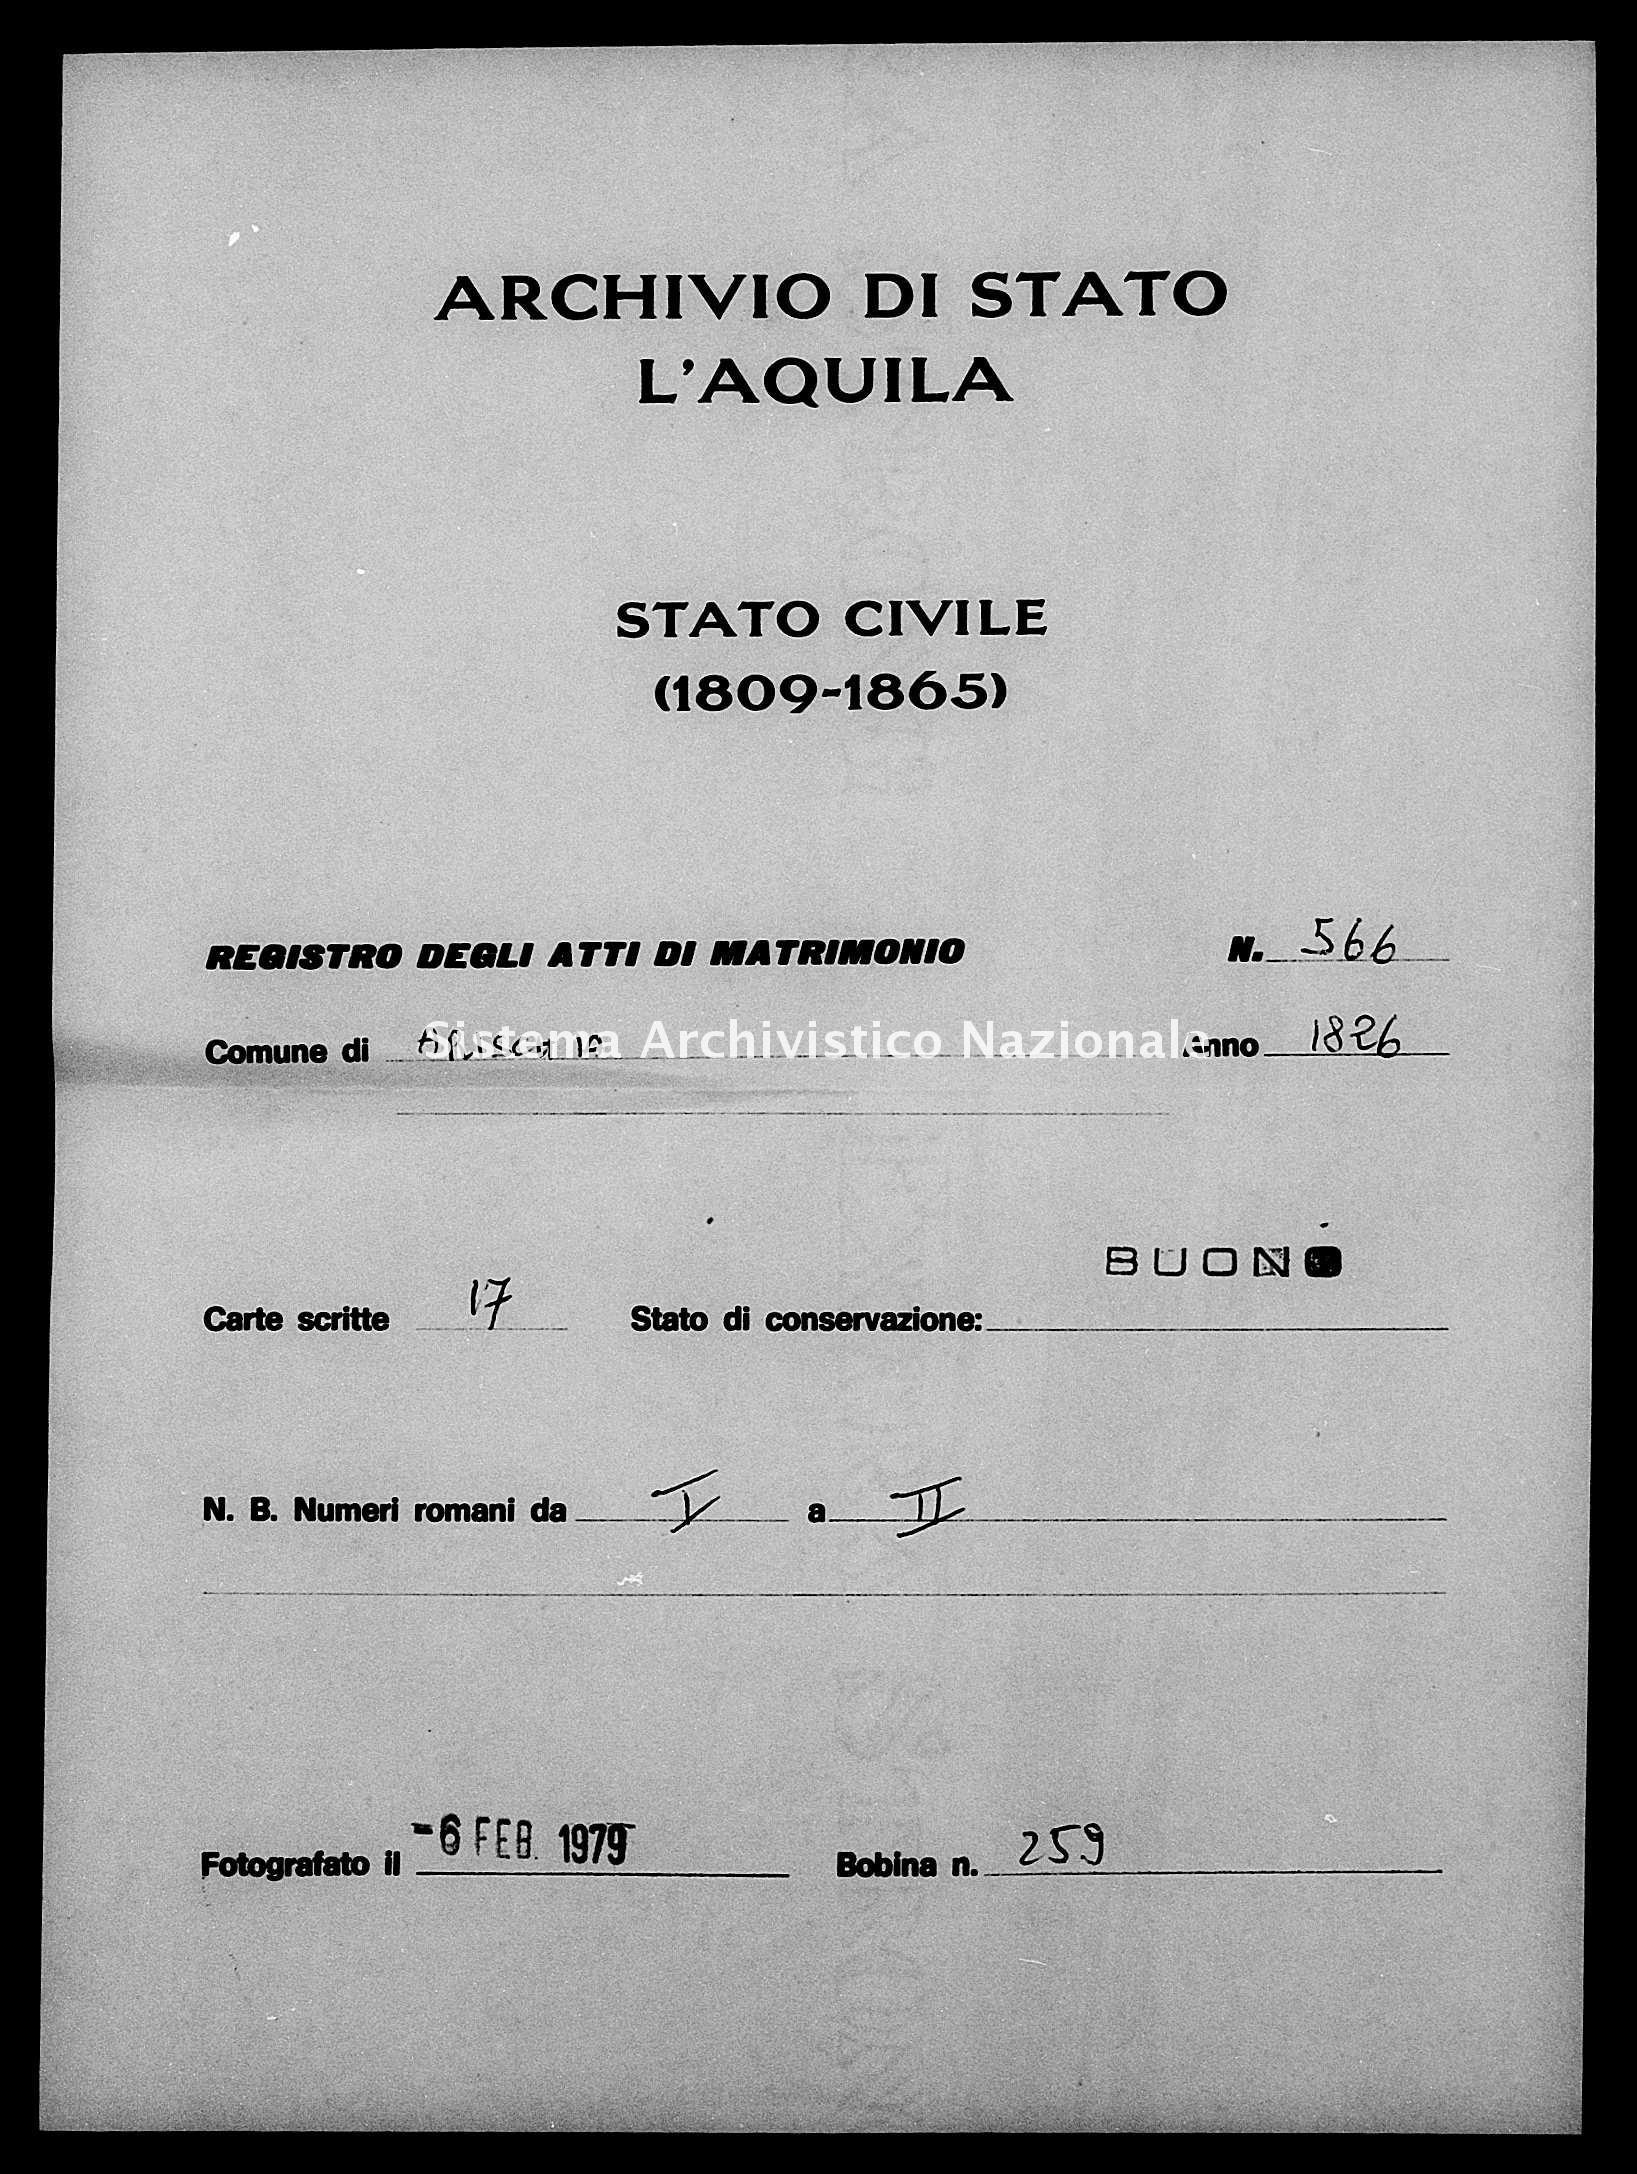 Archivio di stato di L'aquila - Stato civile della restaurazione - Arischia - Matrimoni - 1826 - 566 -